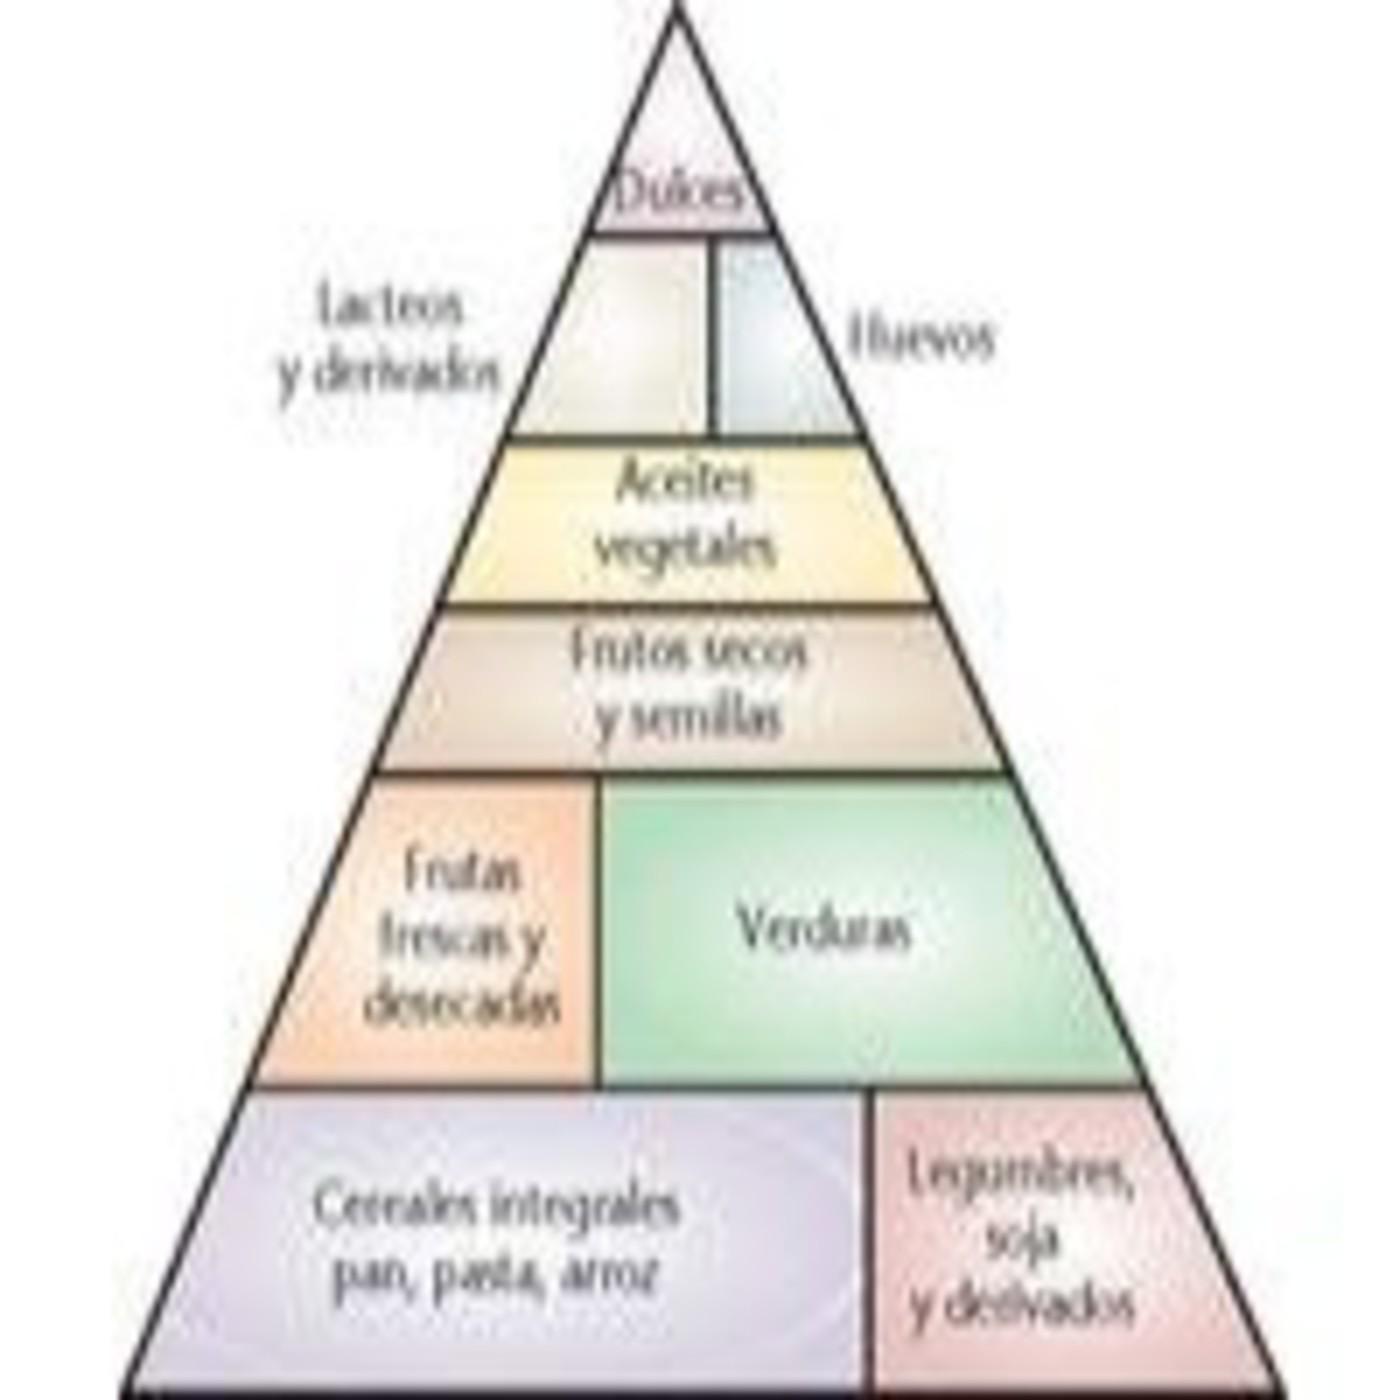 (1-II-2013) – 10ª SESIÓN-INTRODUCCIÓN A LA ALIMENTACIÓN VEGETARIANA, por Margarita López Ferrer - RAMA ARJUNA – BARCELON